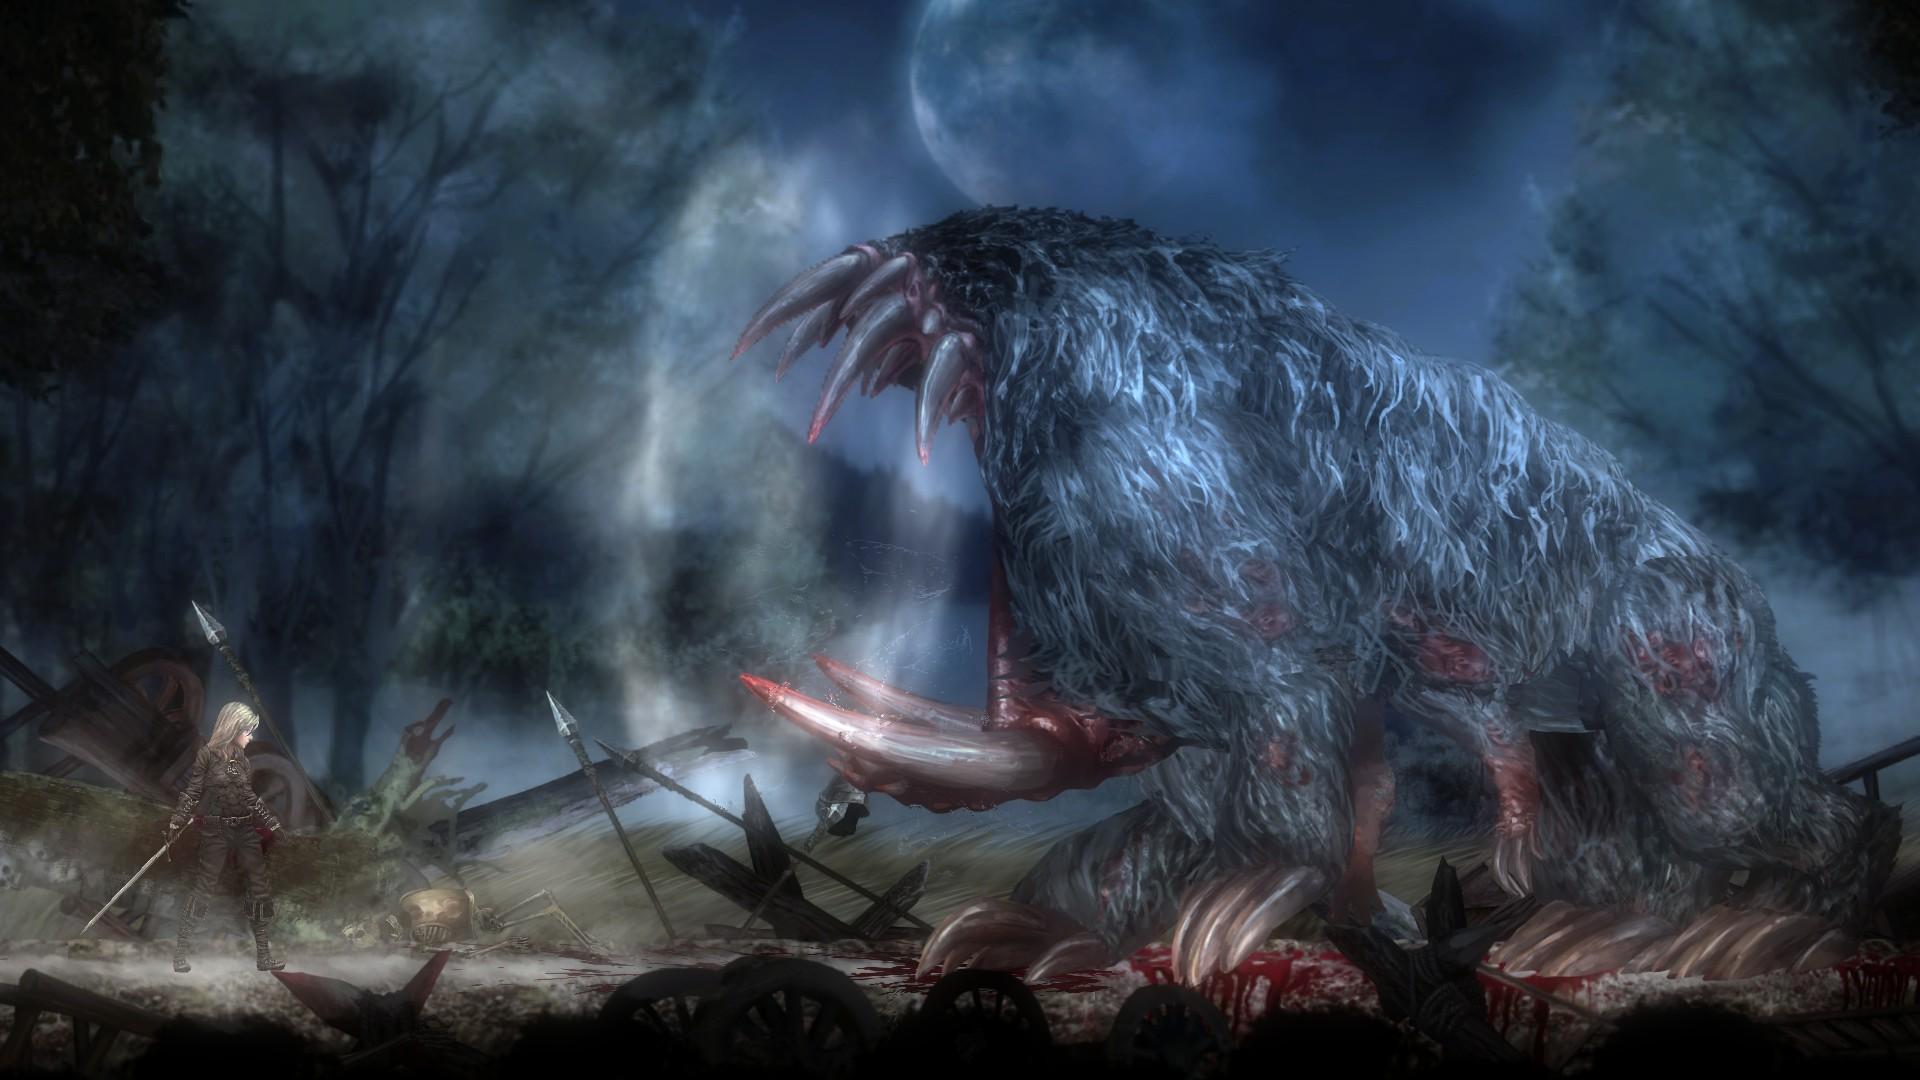 《守夜人:长夜》评测:银河恶魔城与魂like的融合风暴